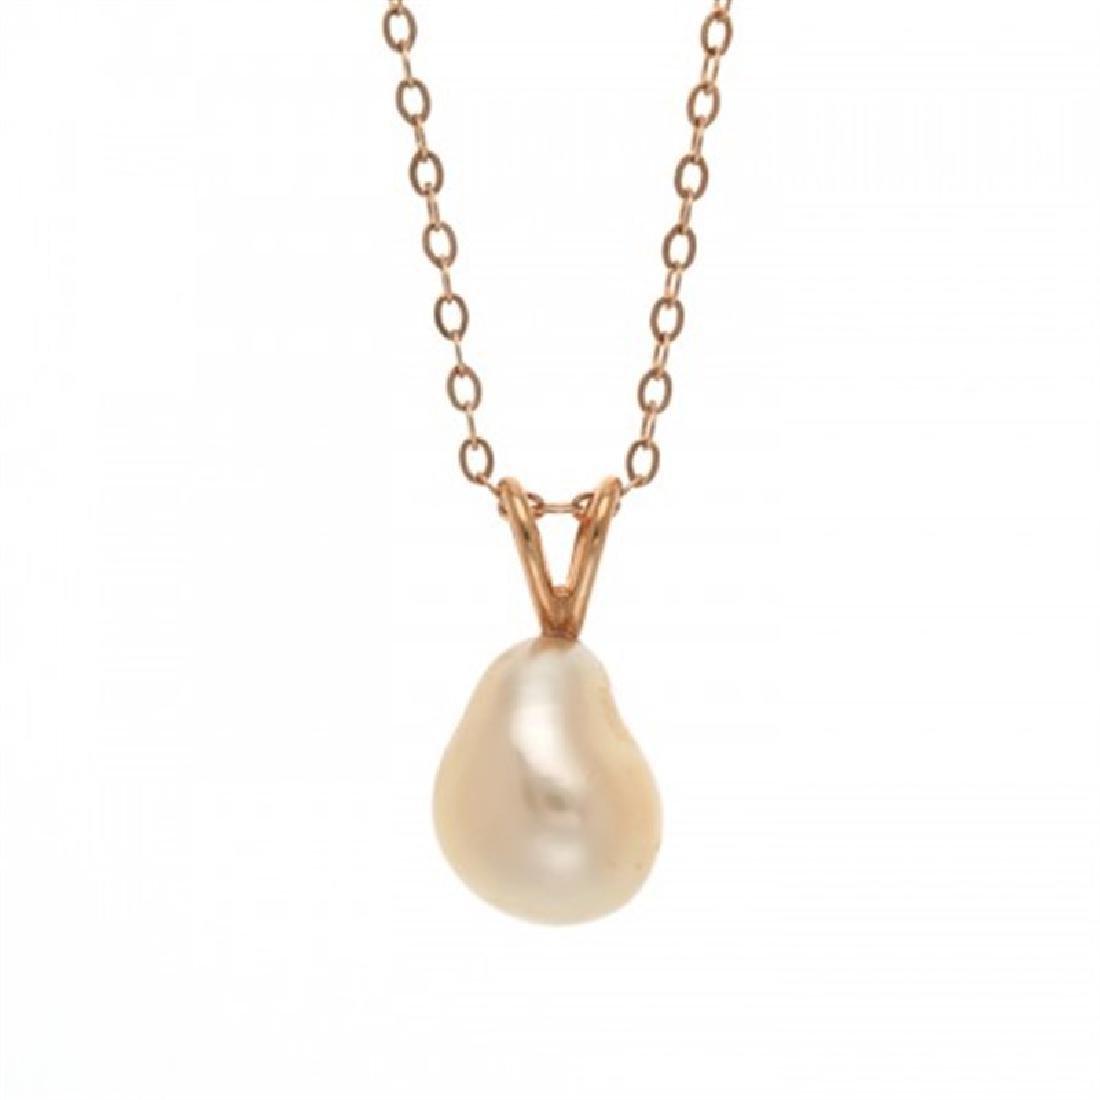 Golden Keshi Pearl Pendant